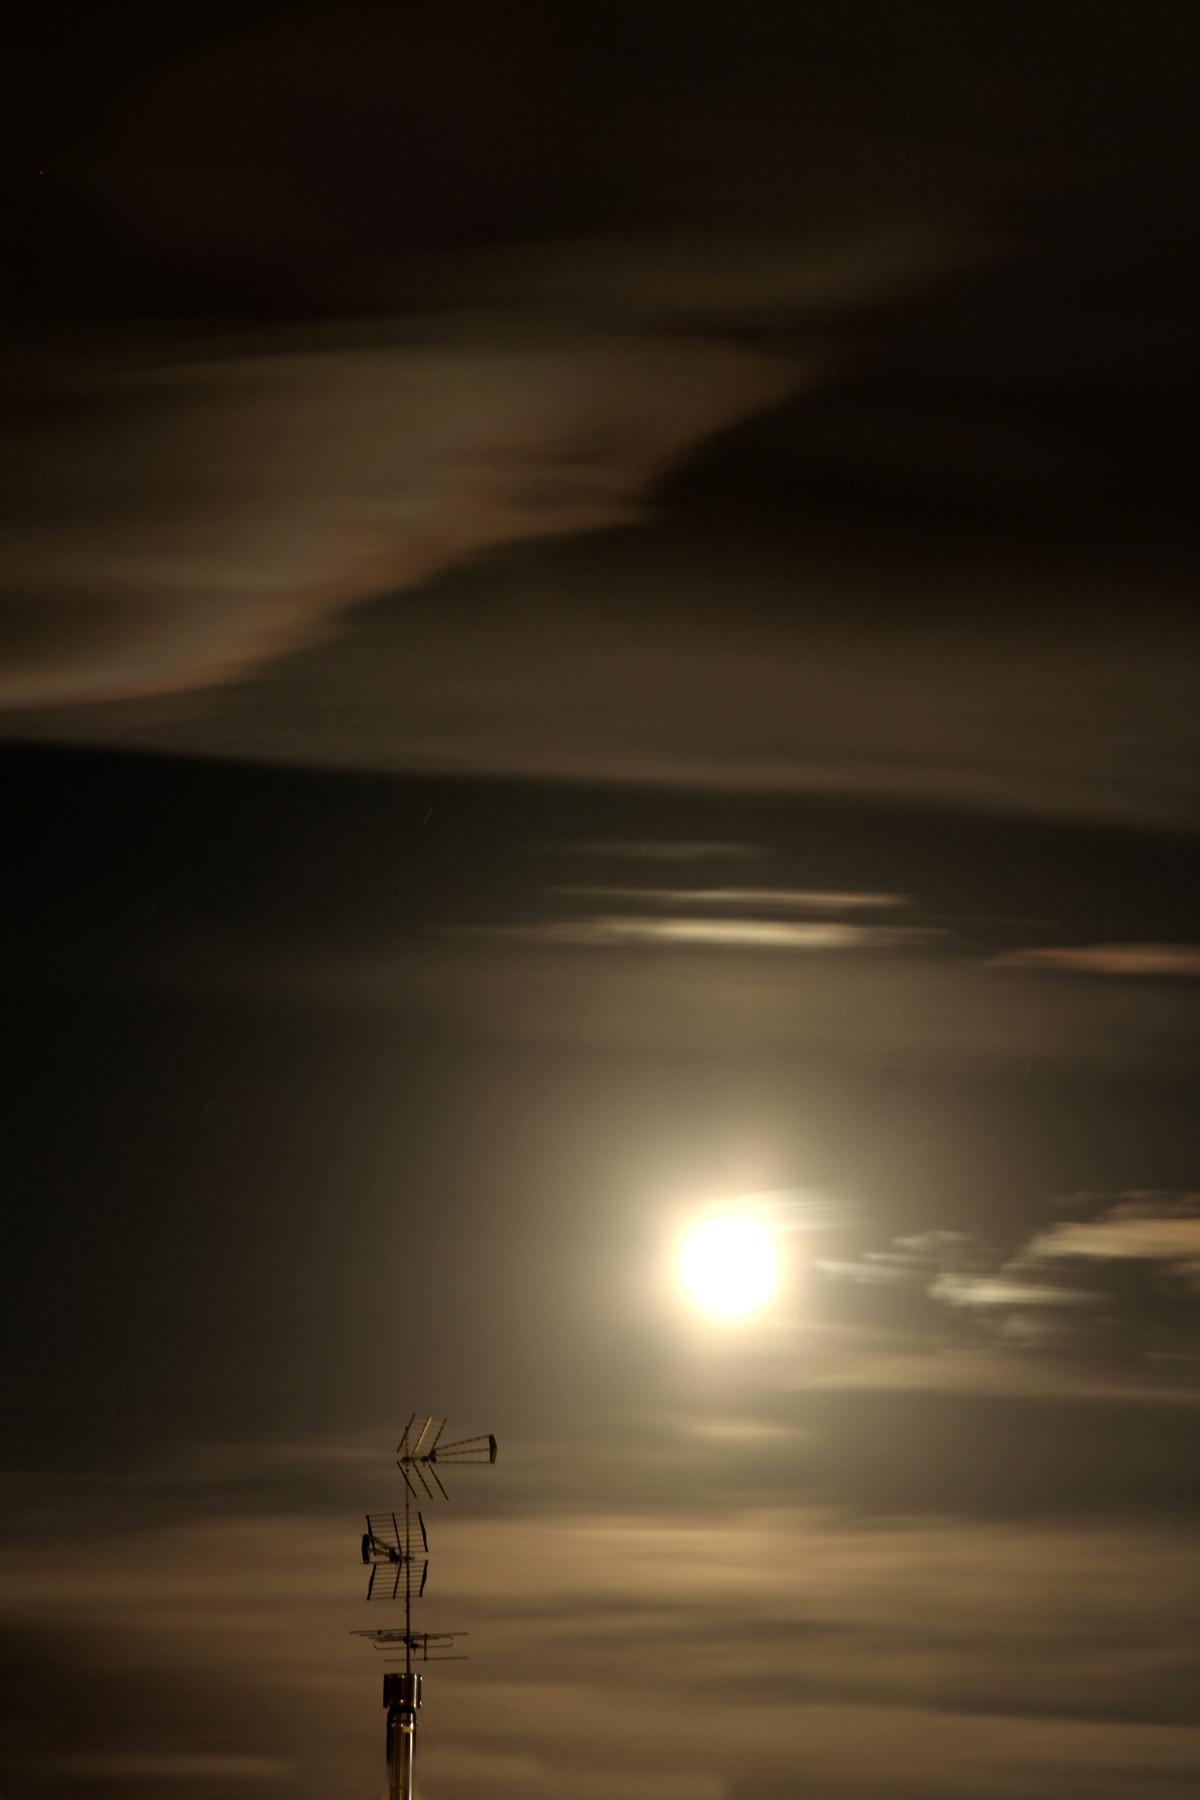 la mia luna...